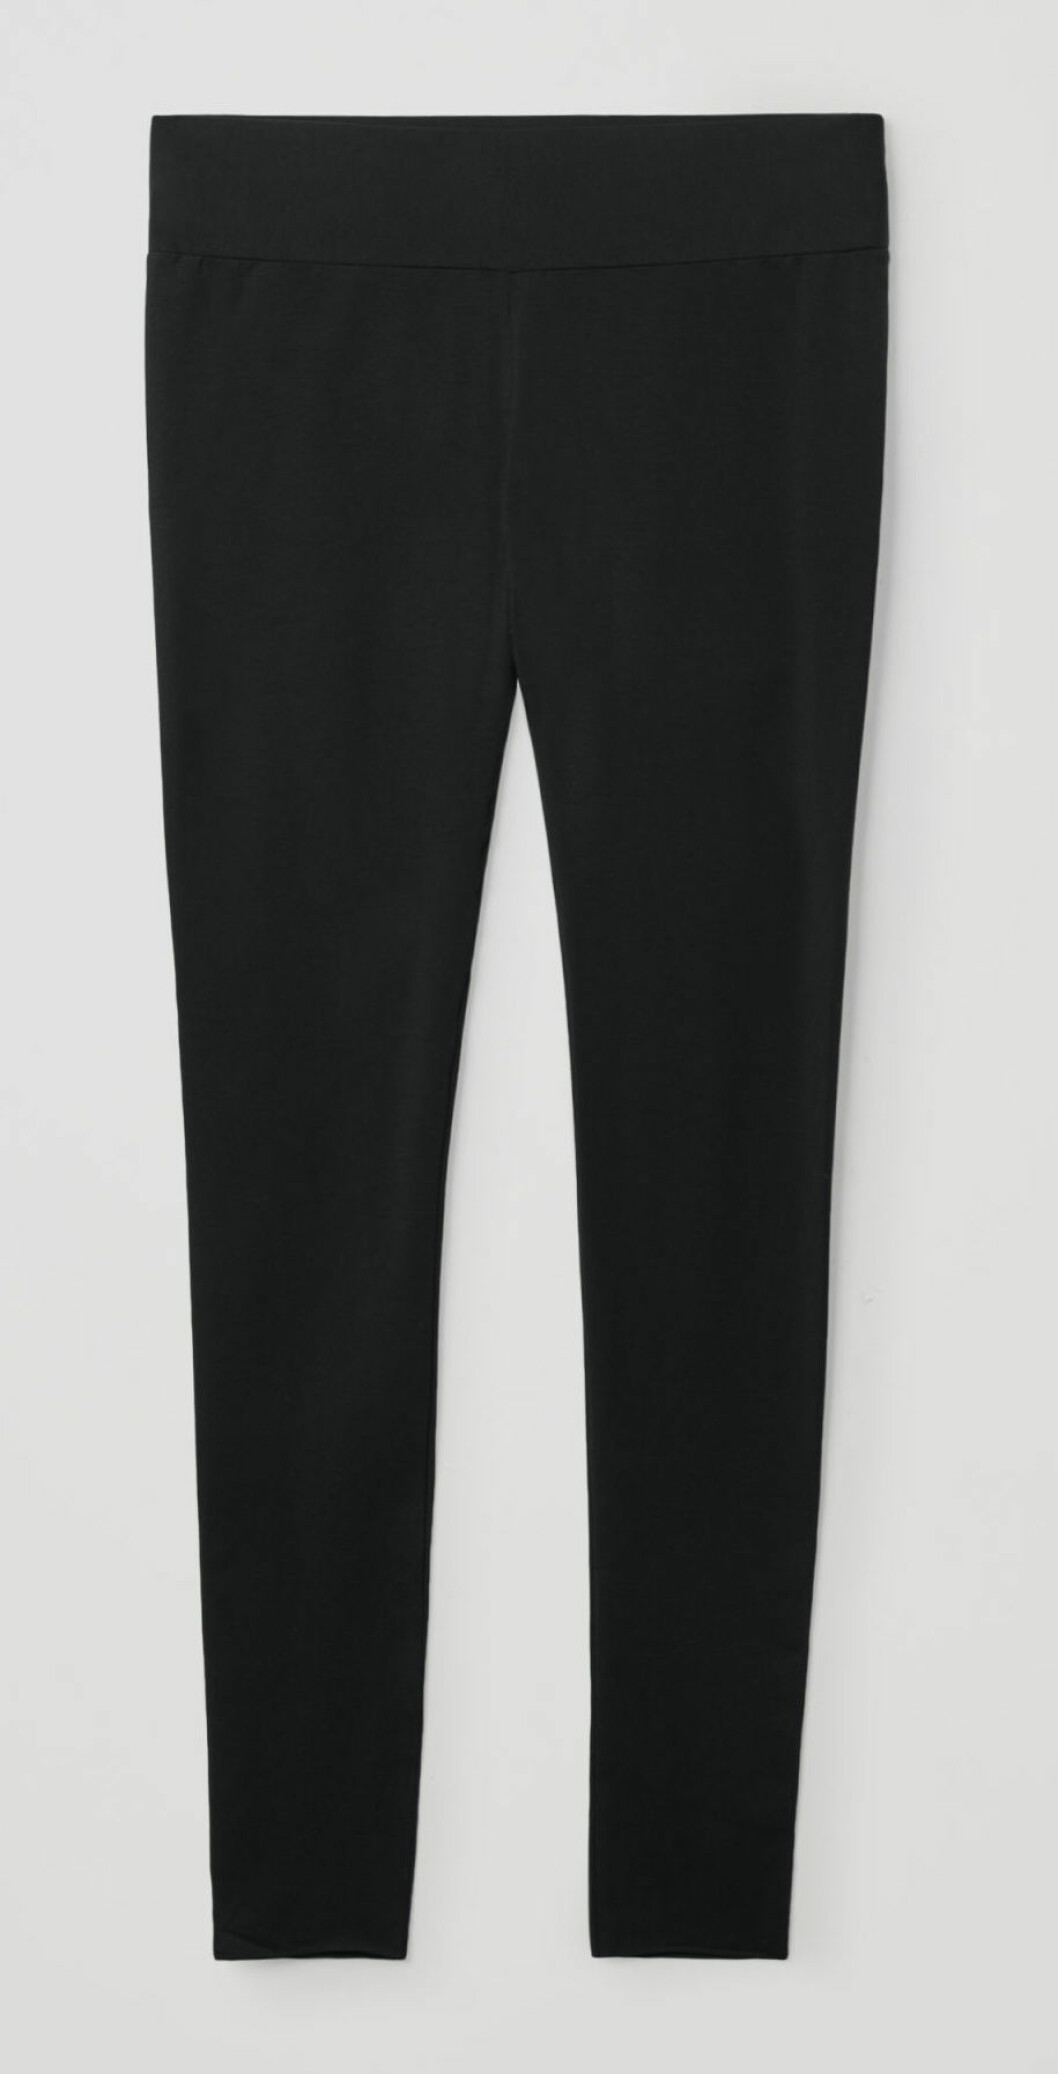 Ännu ett par sömlösa leggings! Dessa från COS finns i svart och har ett brett, dekorativ resår i midjan.